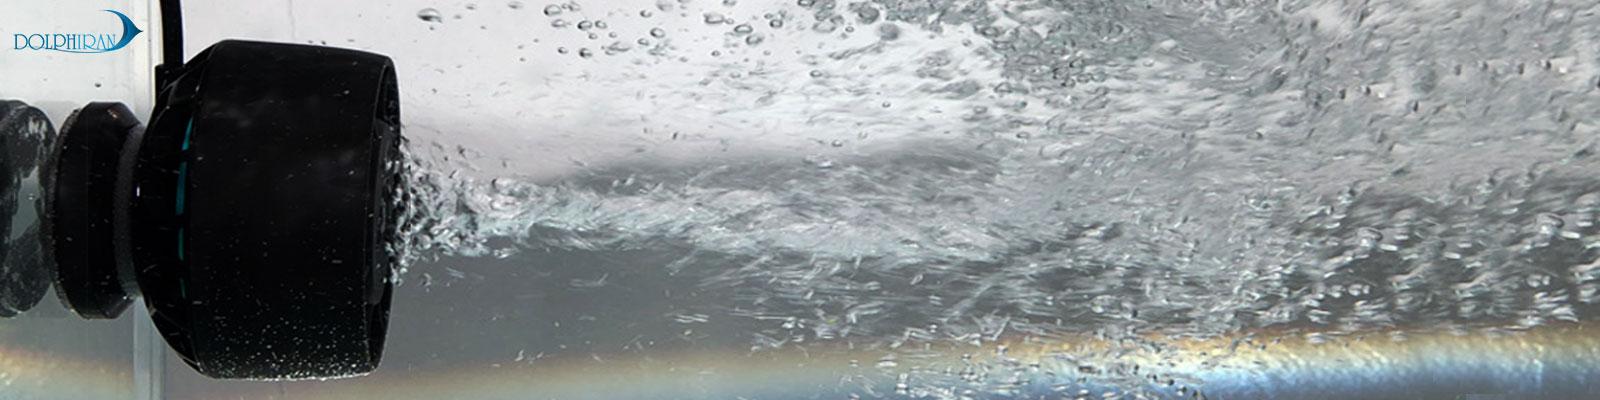 پمپ موج ساز آکواریوم nero 5، اولین دستاوردها و نمایش اولیه